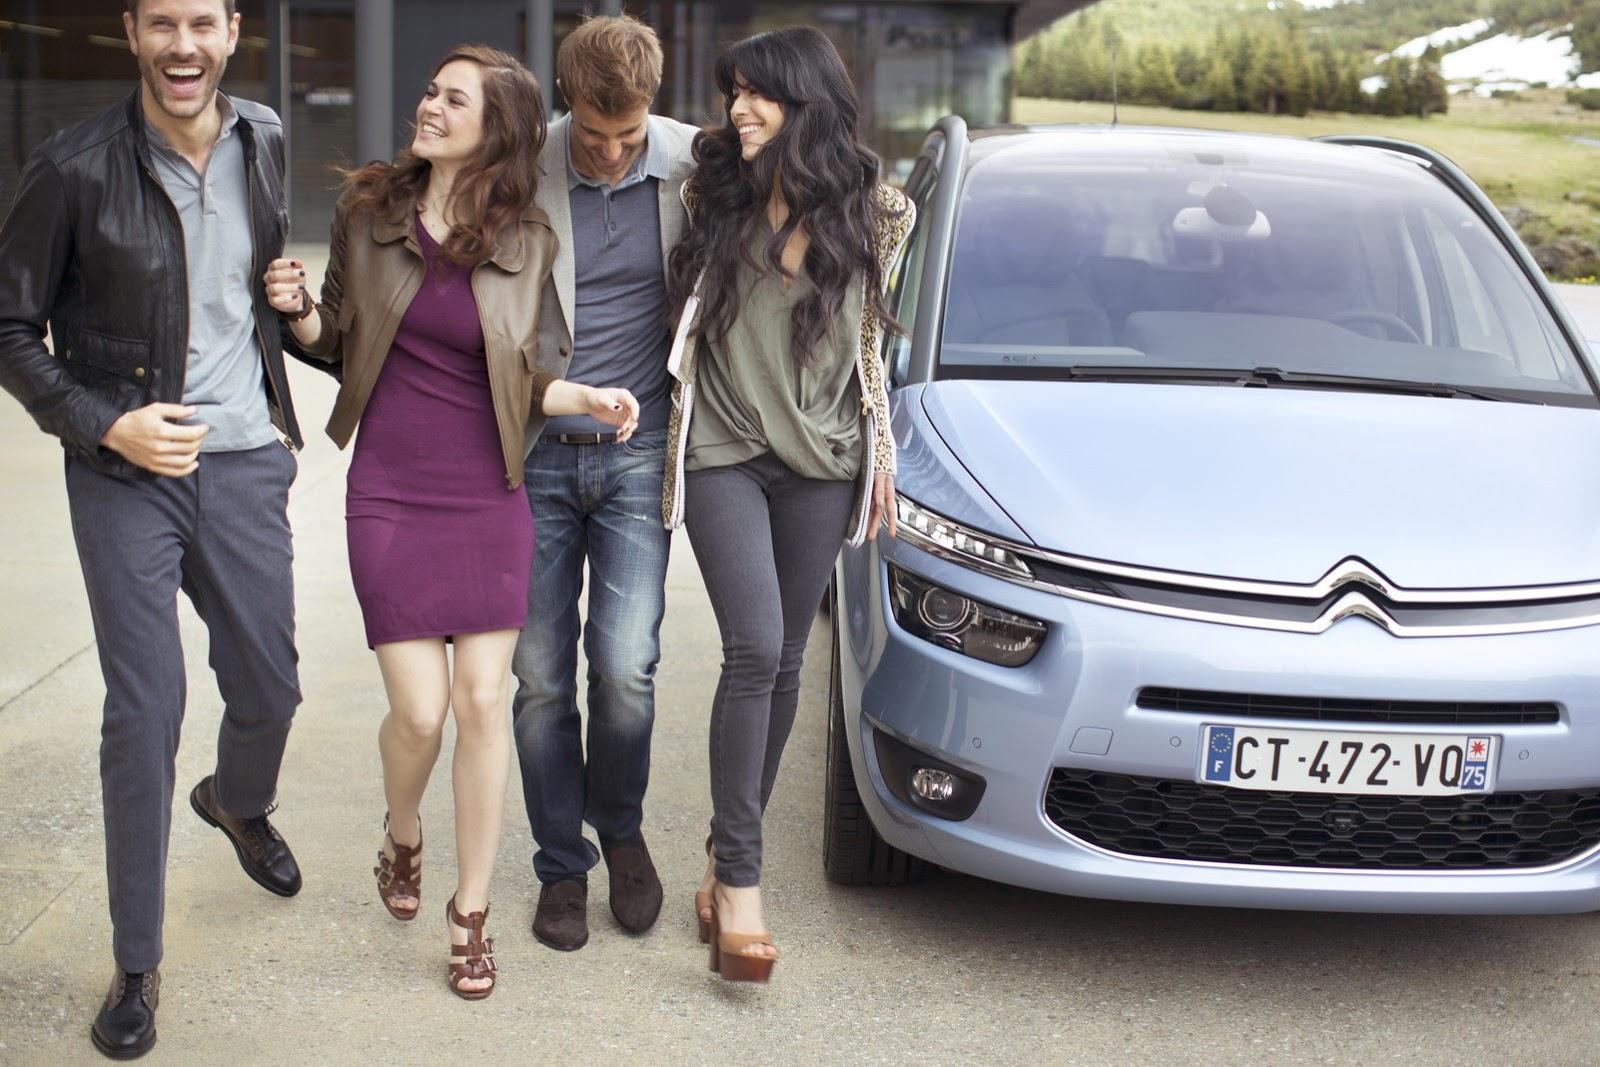 [SUJET OFFICIEL] Citroën Grand C4 Picasso II  - Page 4 Citroen-Grand-C4-Picasso-20%25255B2%25255D